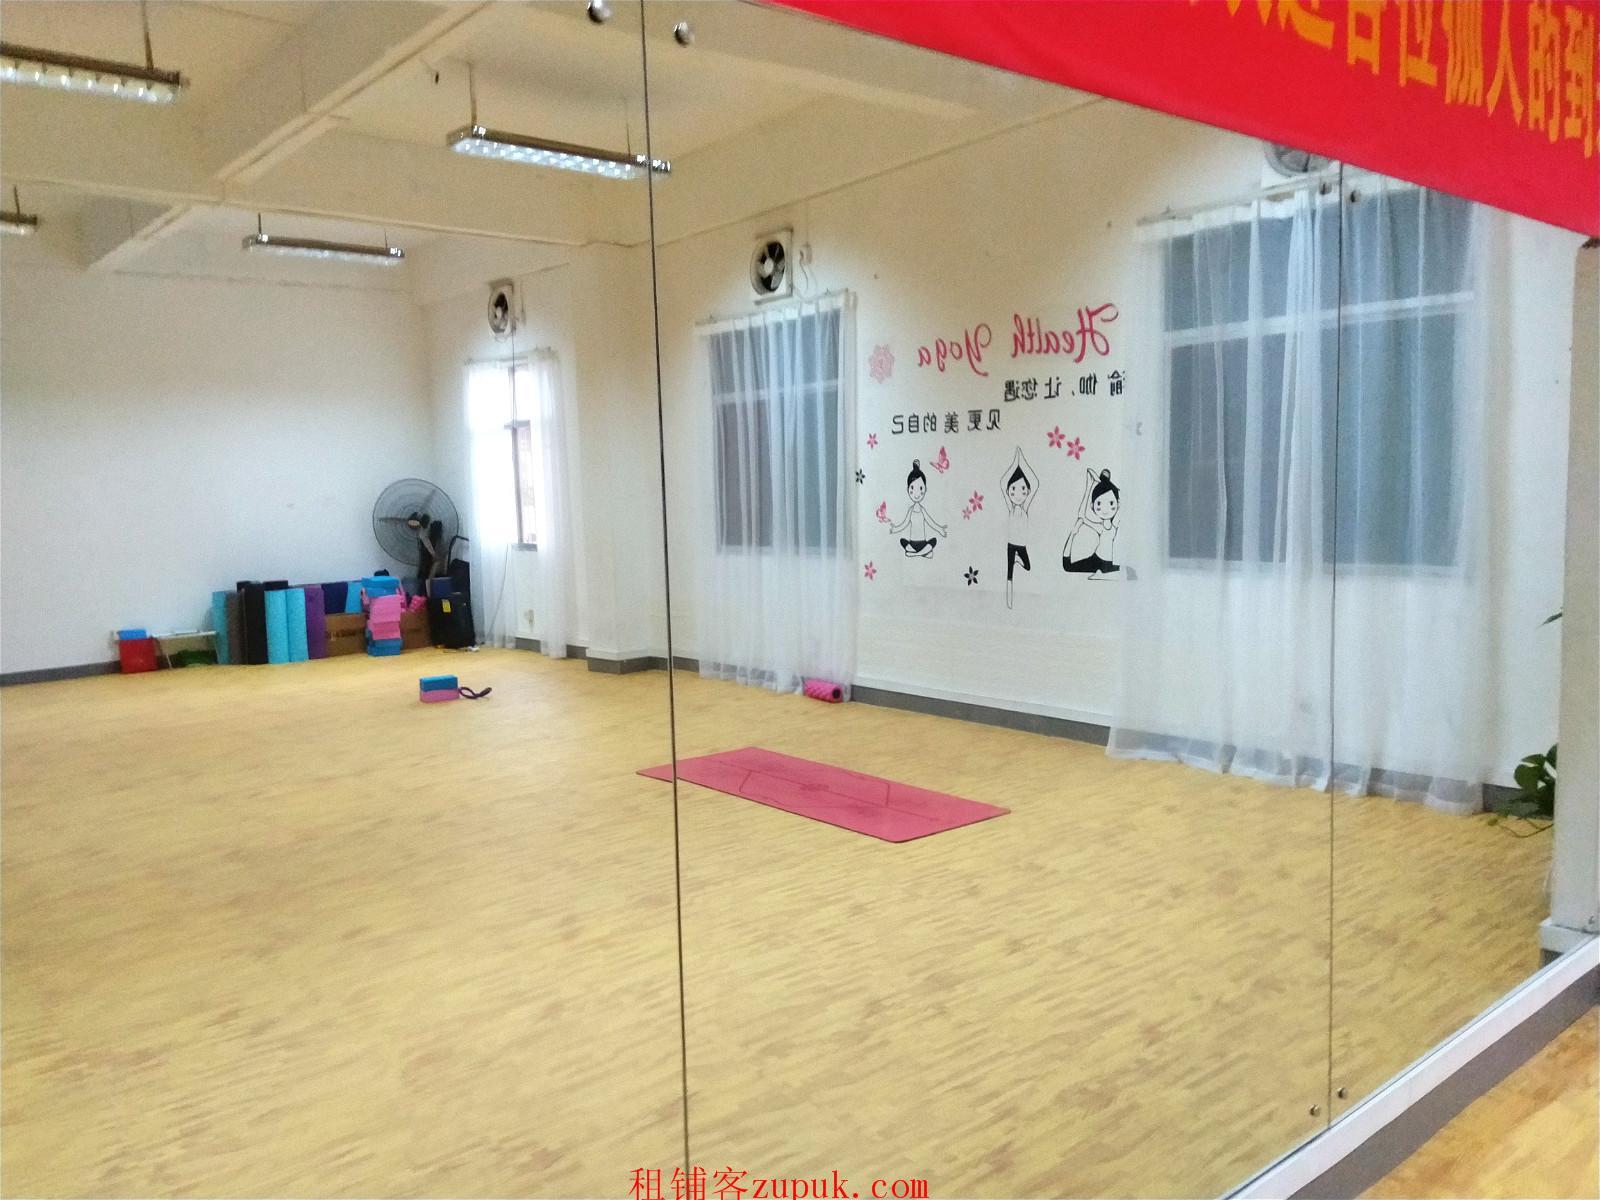 幼少儿培训机构以及成人瑜伽班